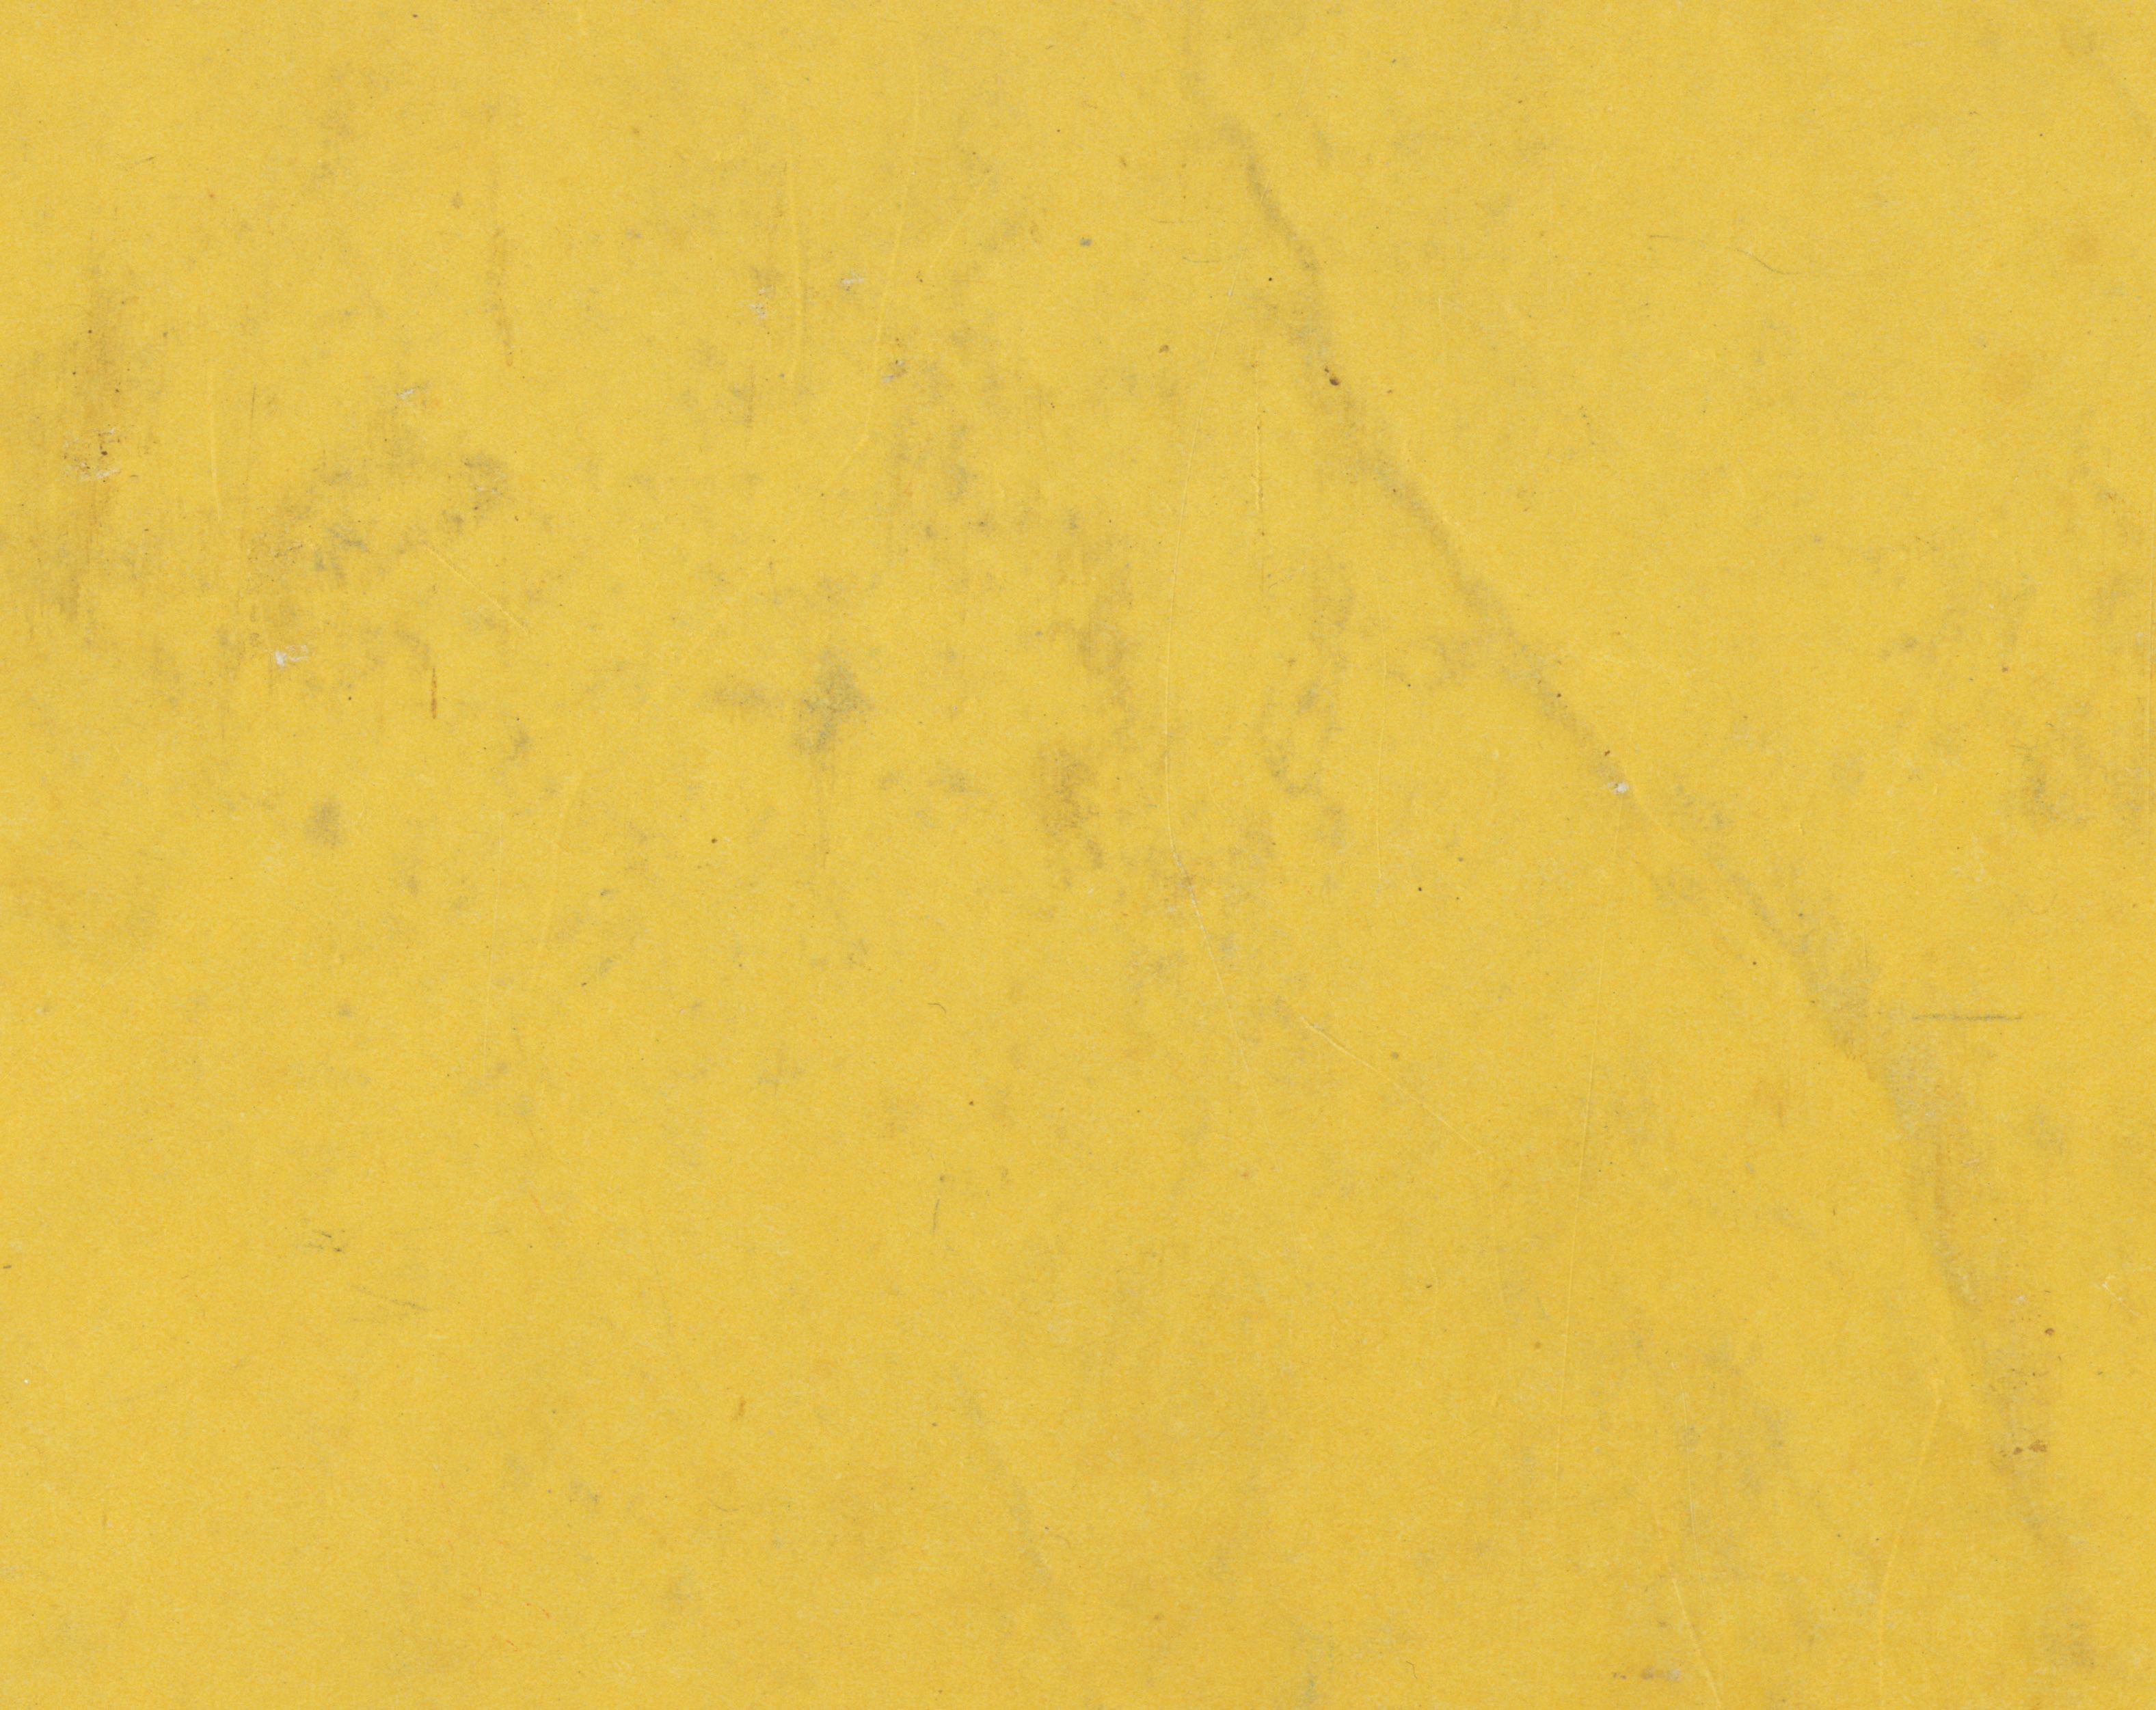 Yellow Photoshop Textures